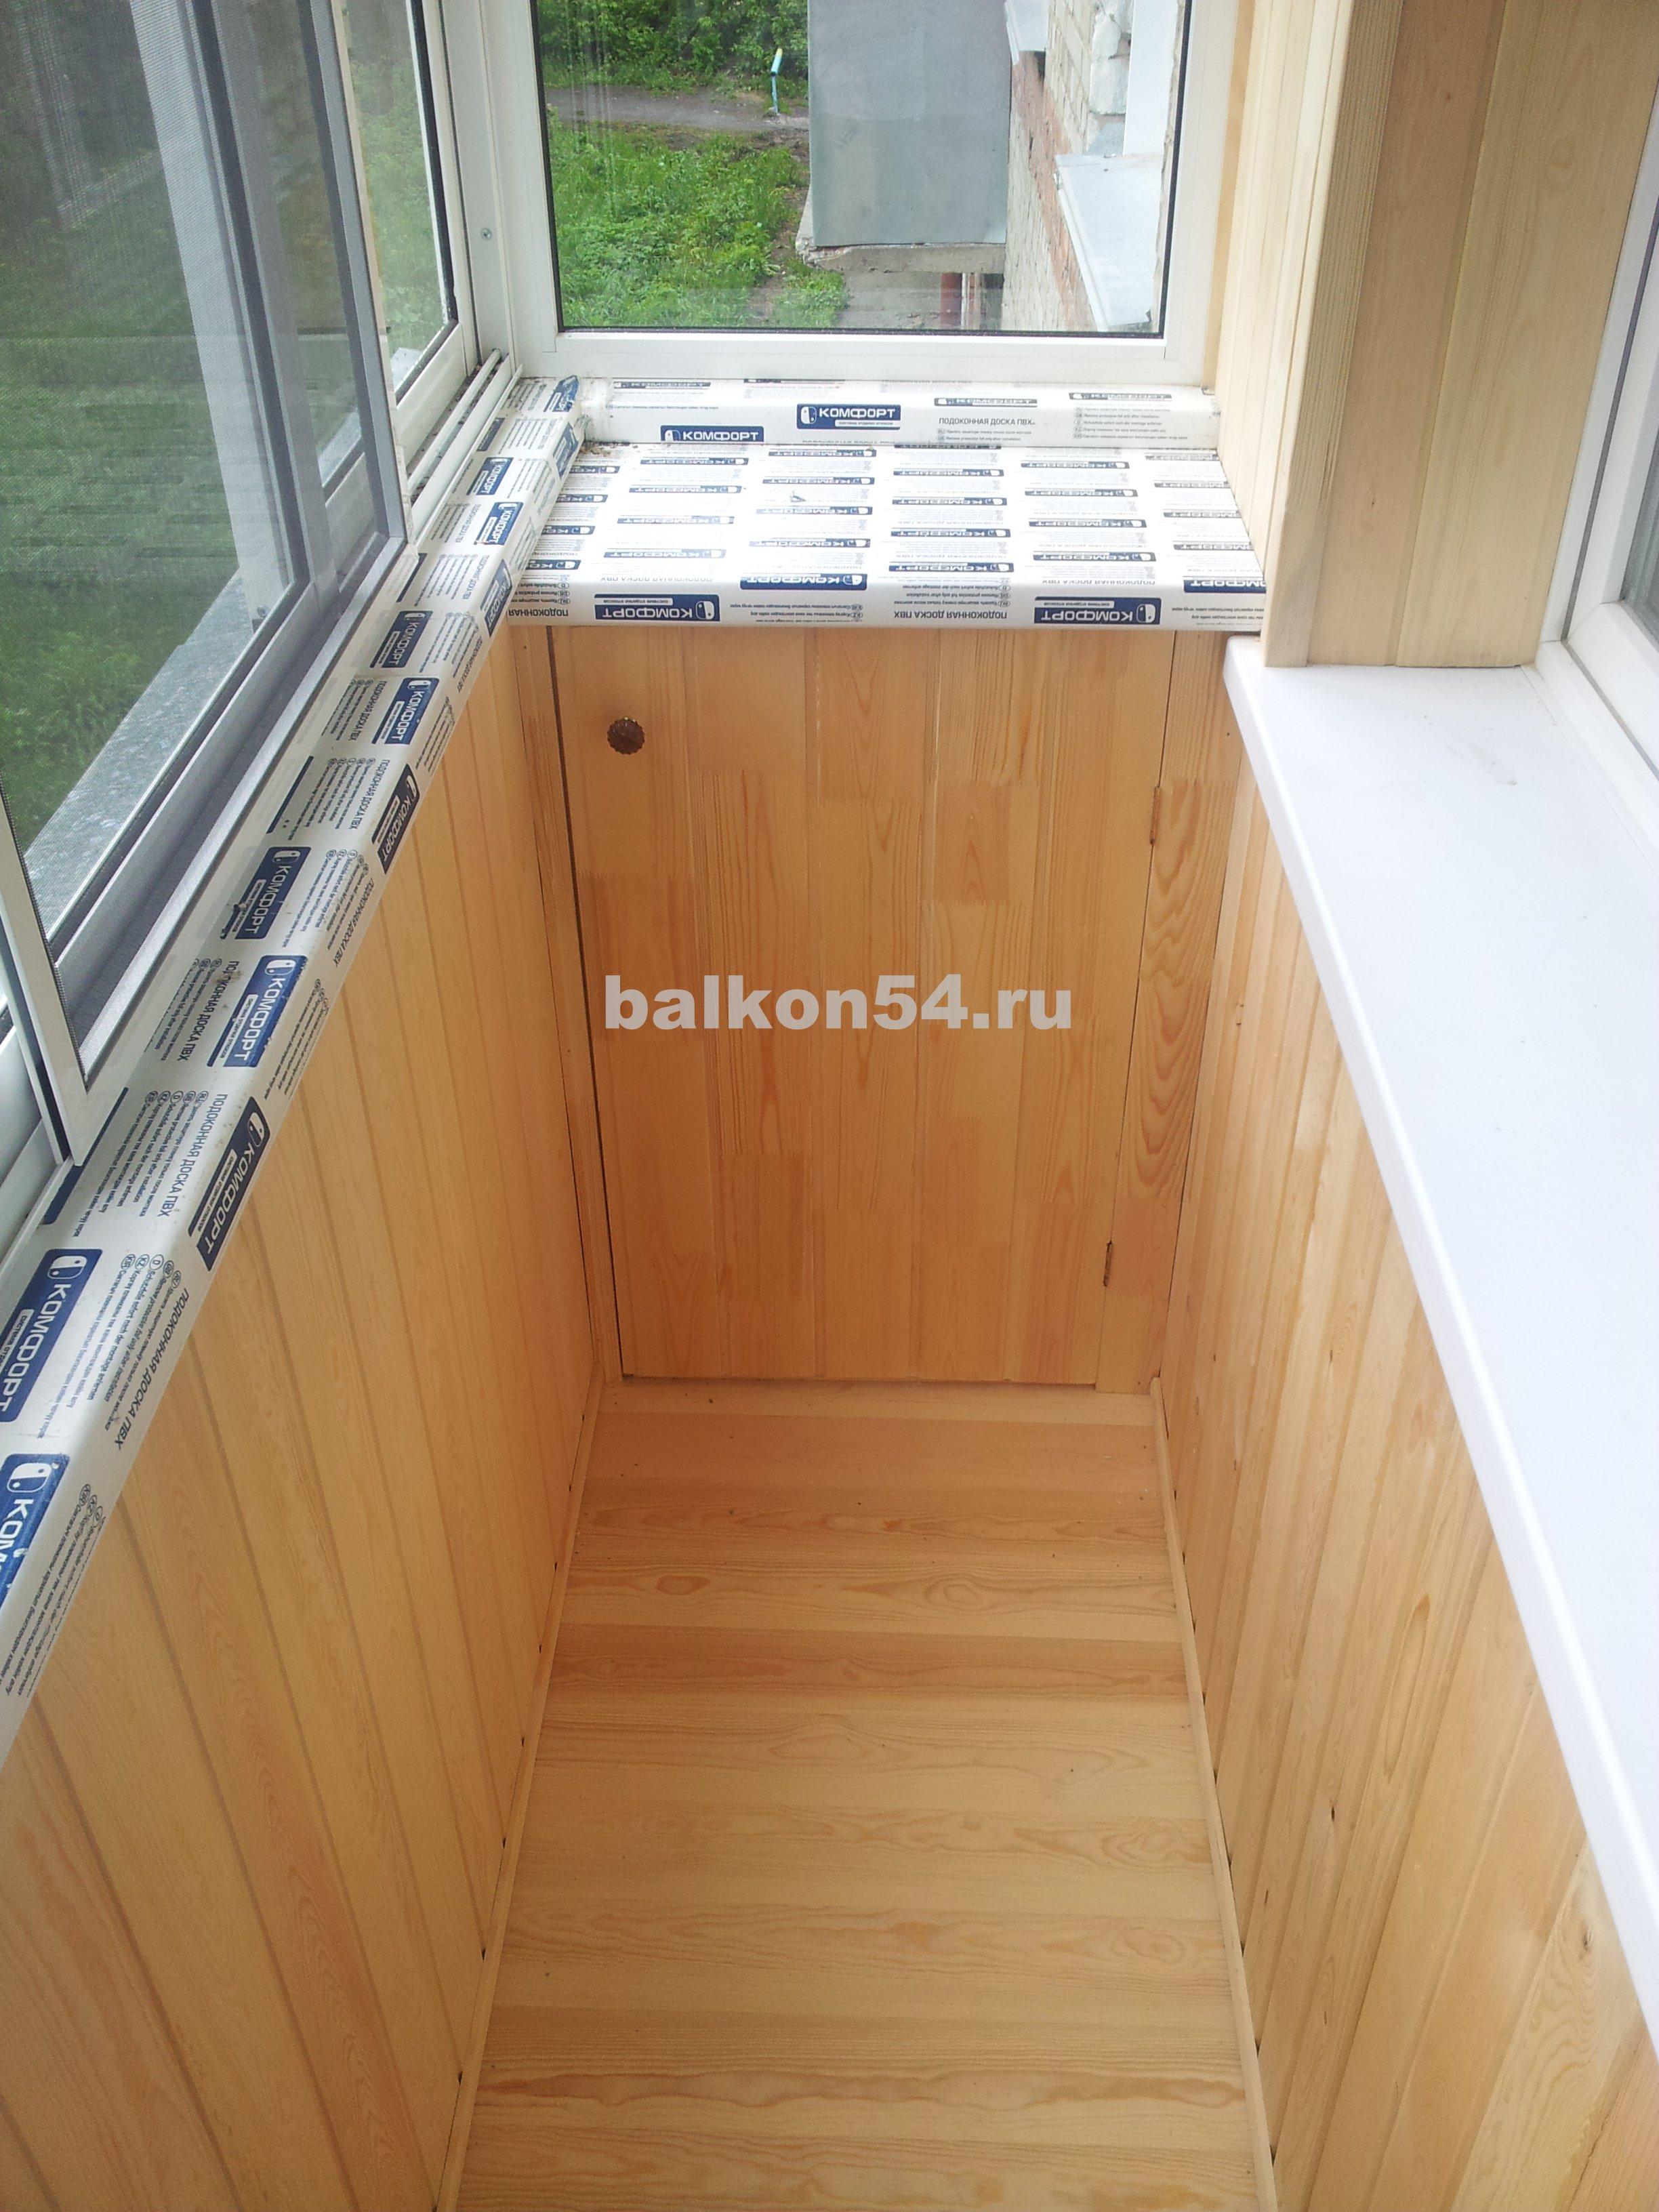 Балкон54, ремонтно-монтажная компания в новосибирске, сибиря.